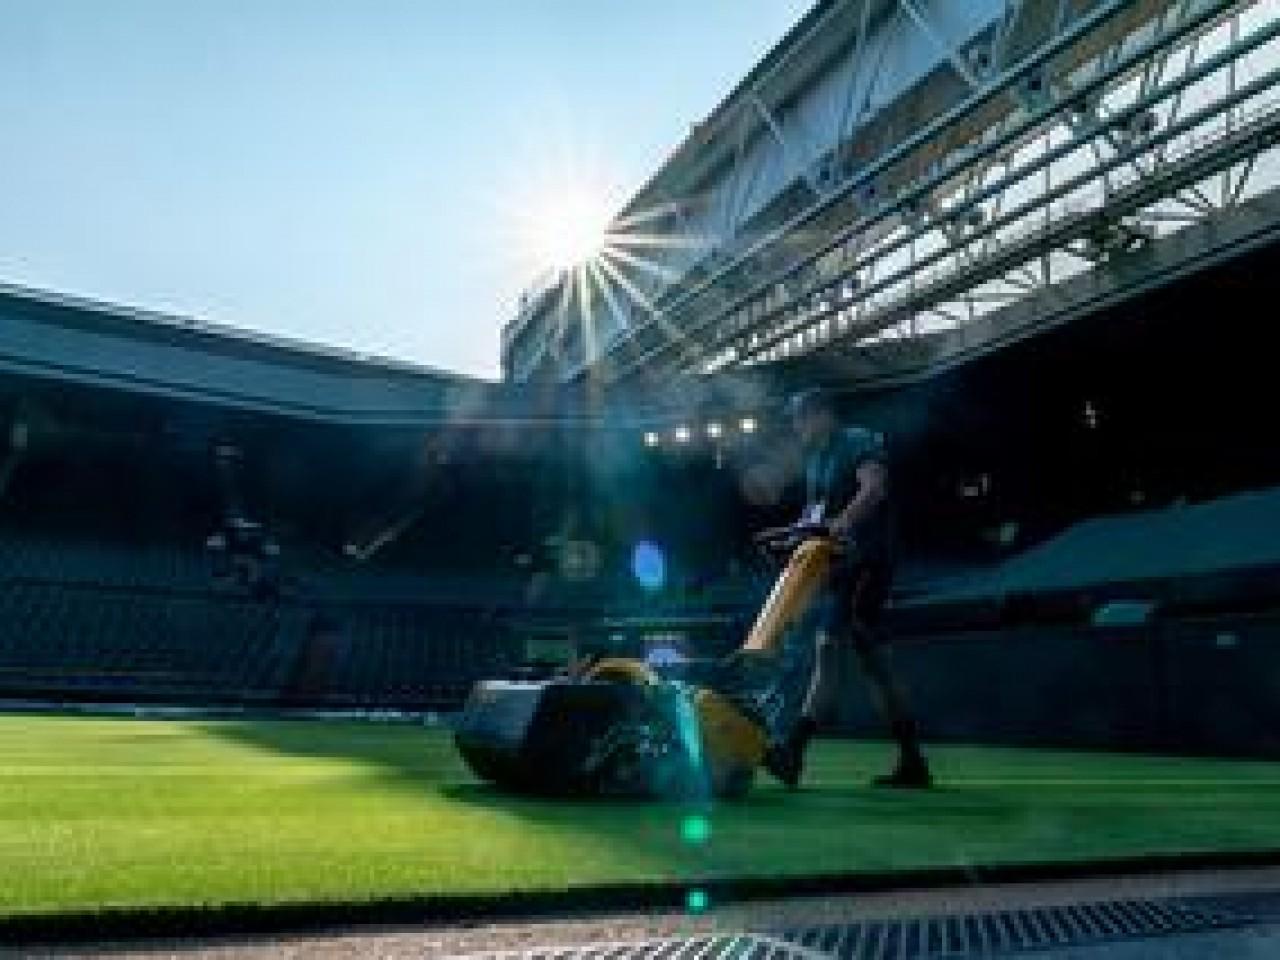 Rosewater Pavilion - The Championships, Wimbledon